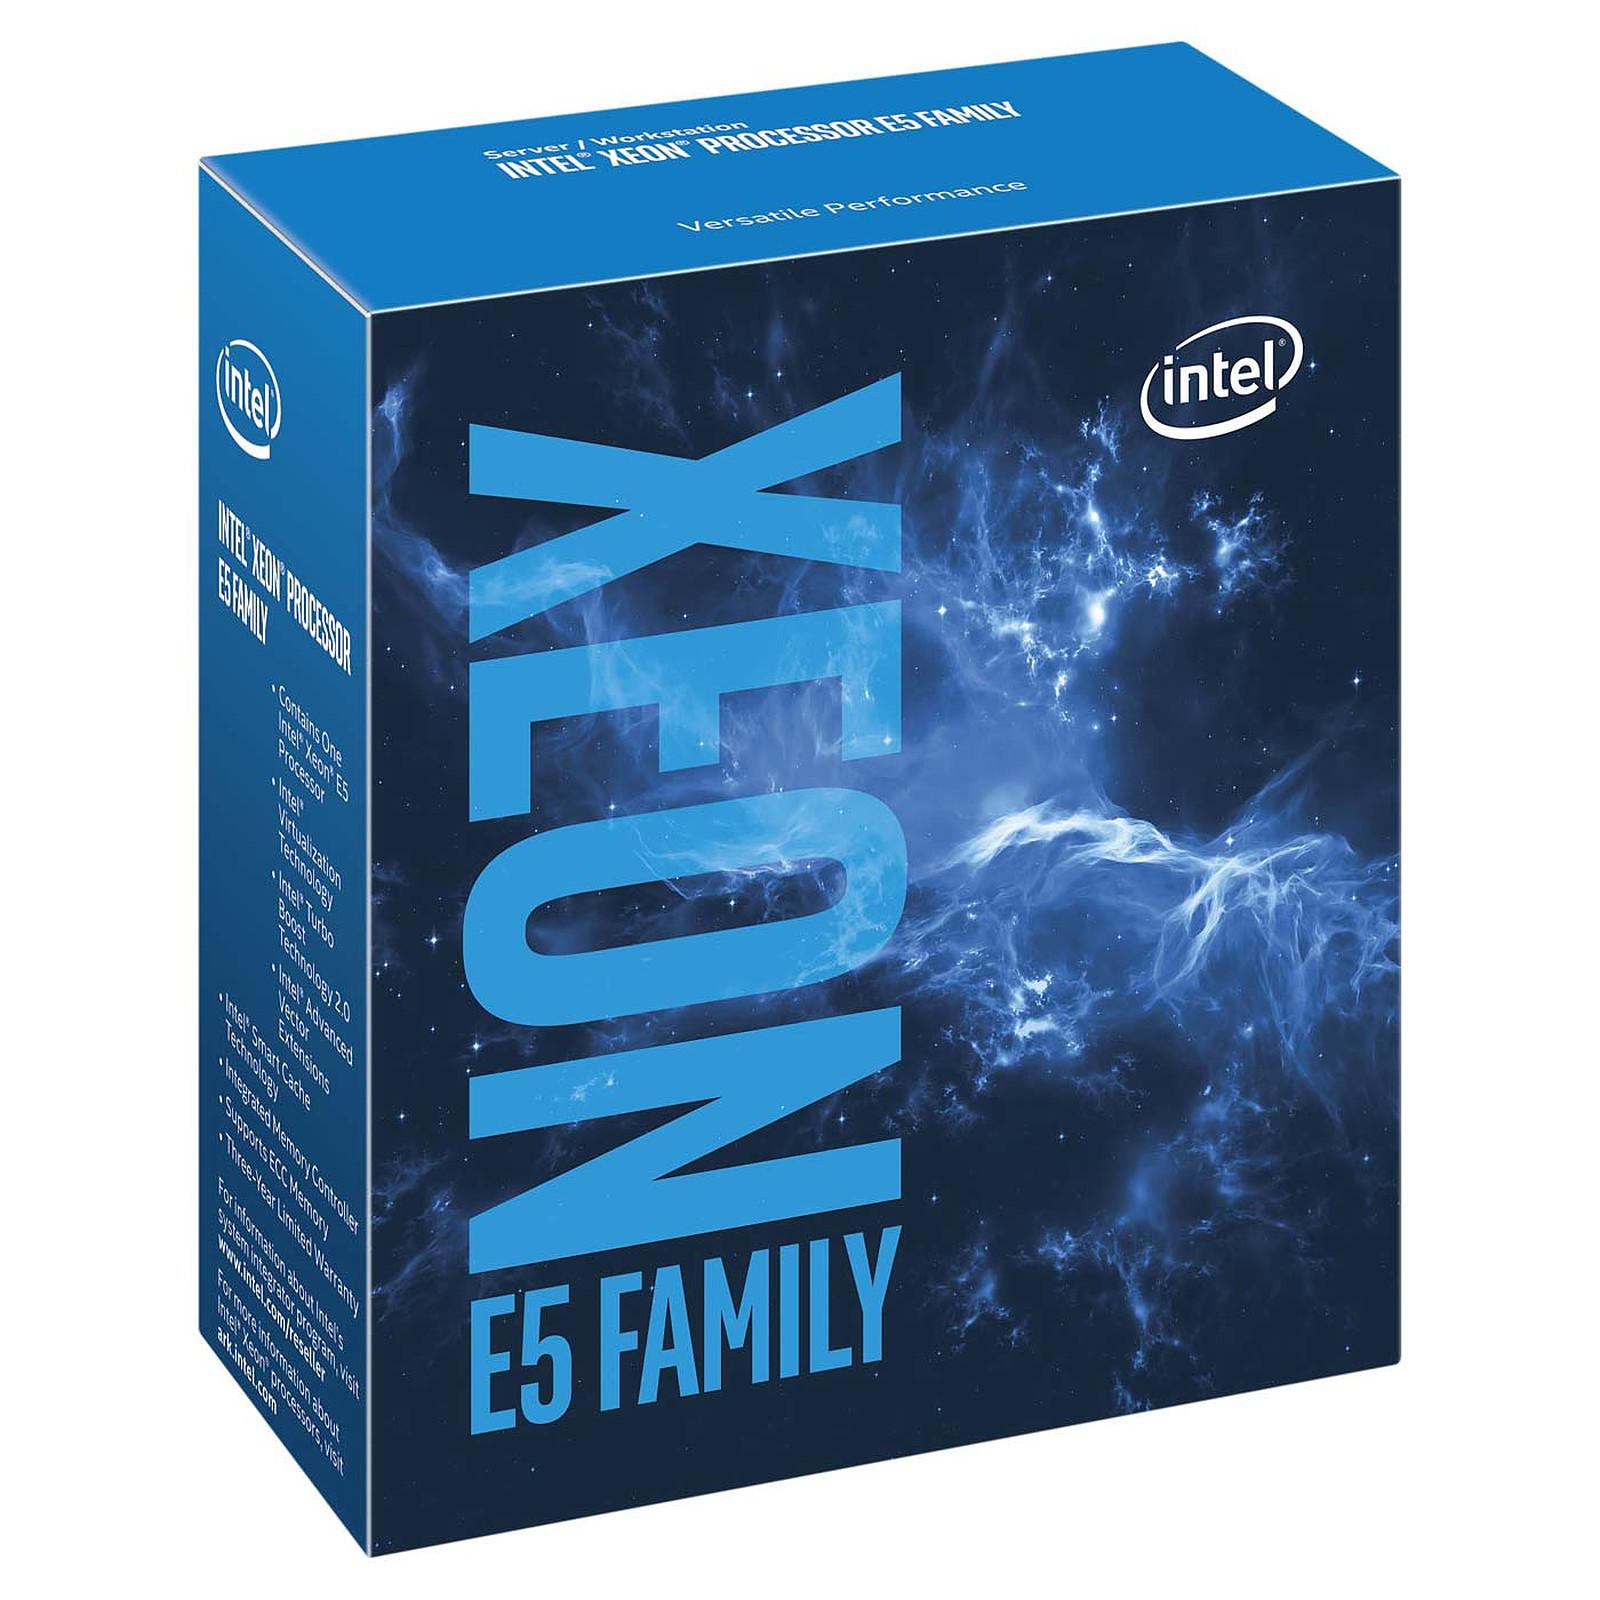 Intel Xeon E5-2640 v4 (2.4 GHz)